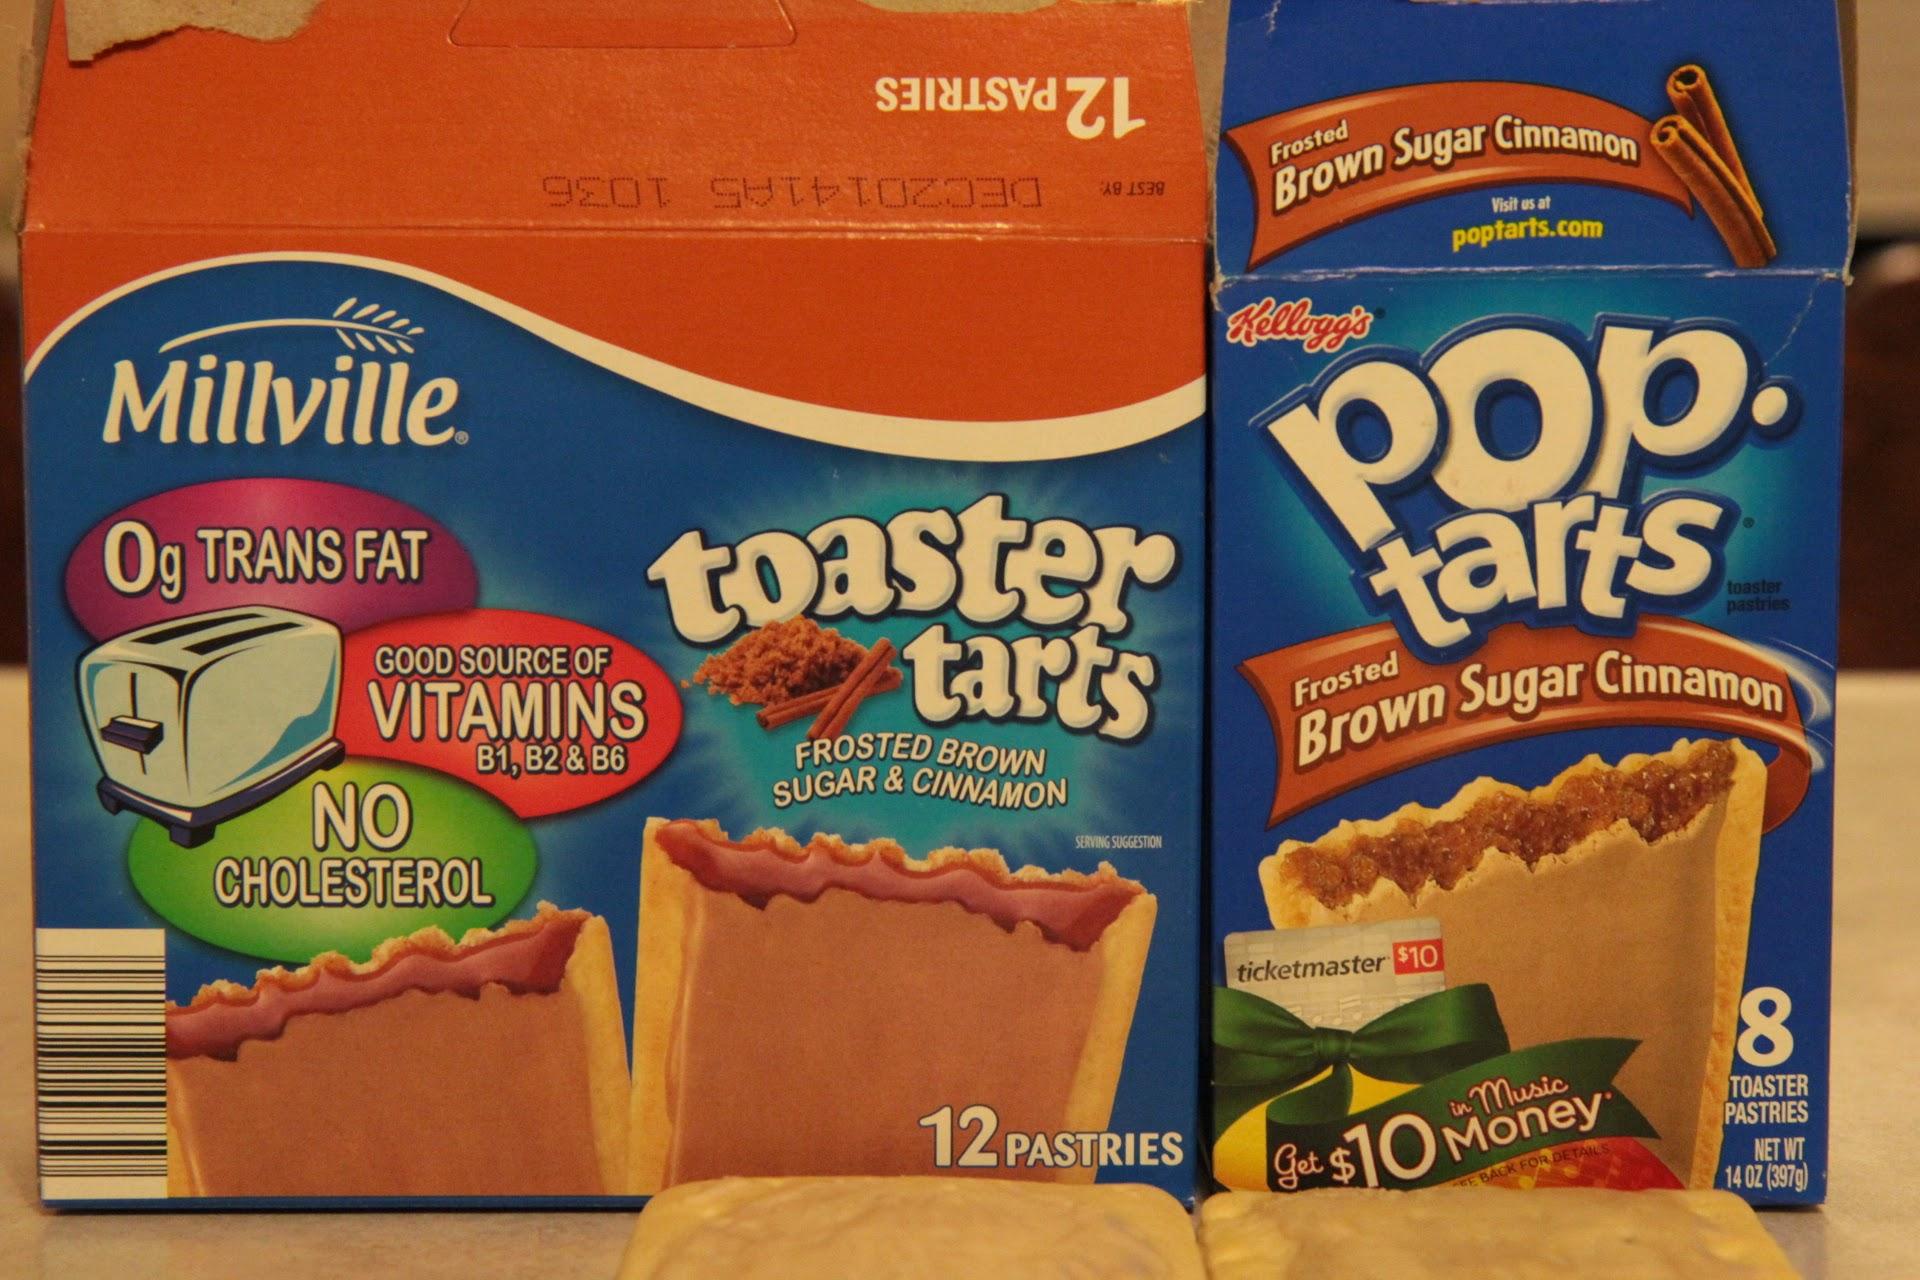 Aldi Millville Toaster Tarts vs. Kellogg's Pop Tarts